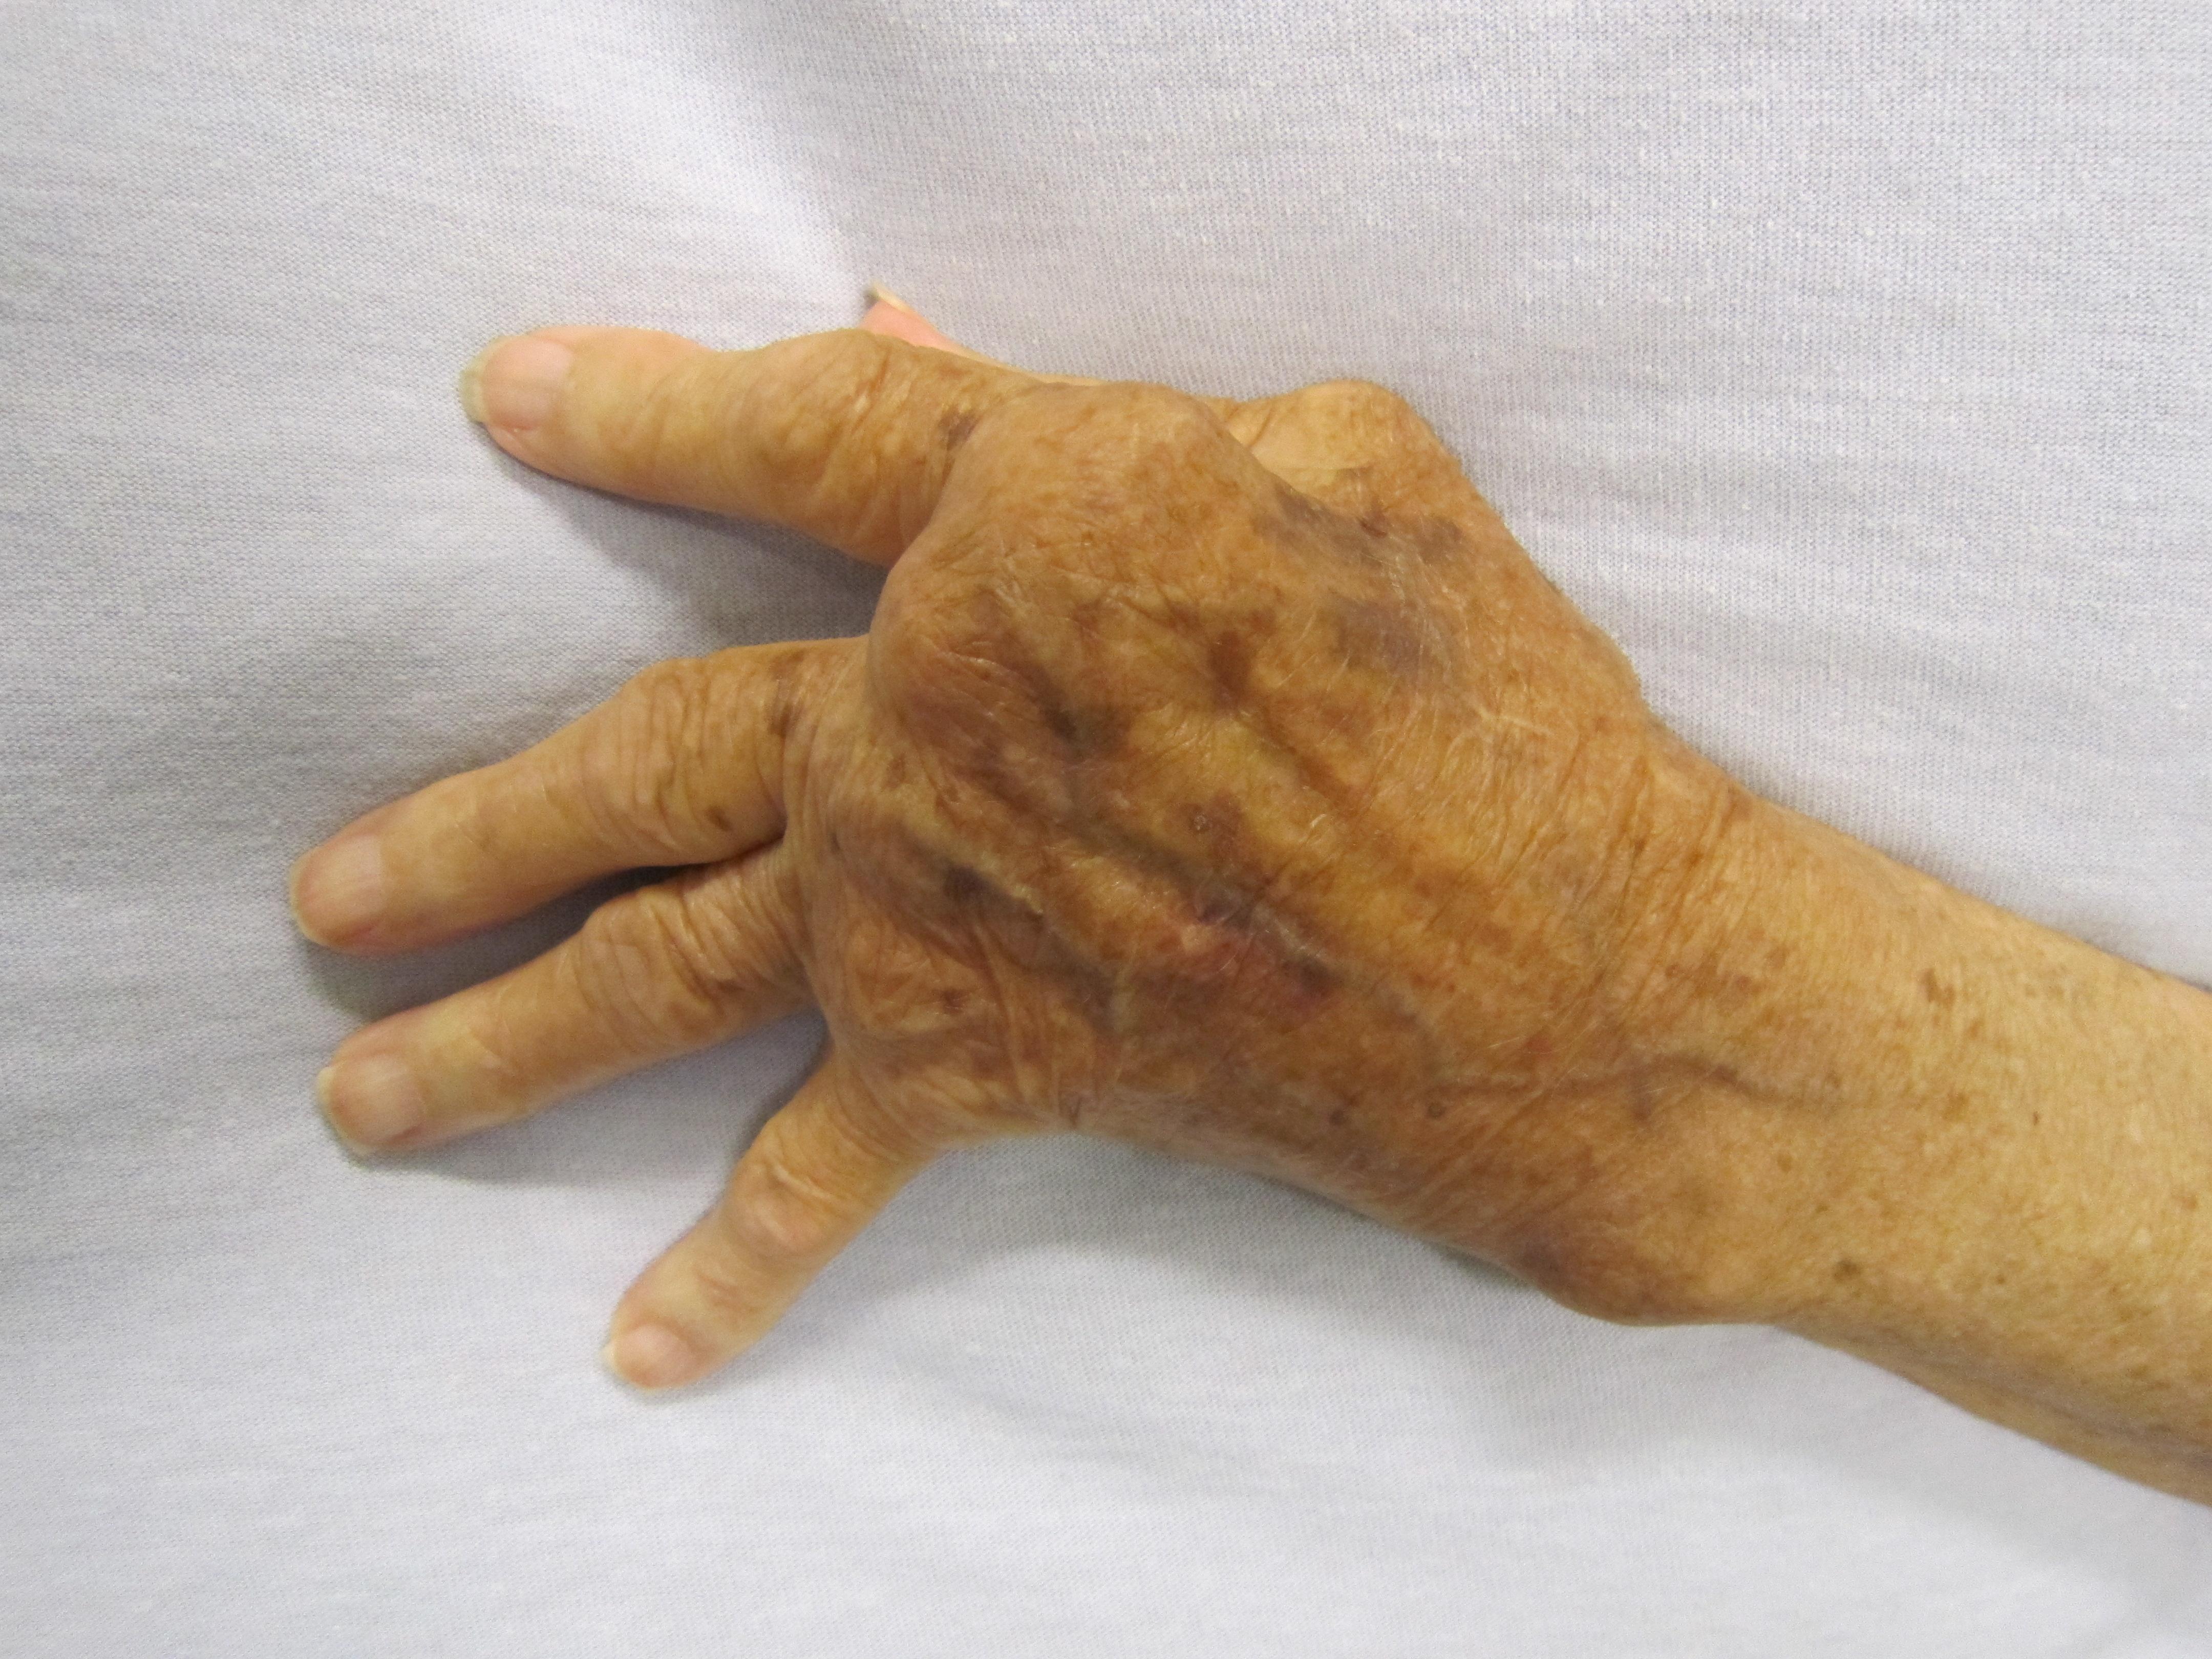 ujjízület sérülése csípőcsontritkulás tünetek kezelése